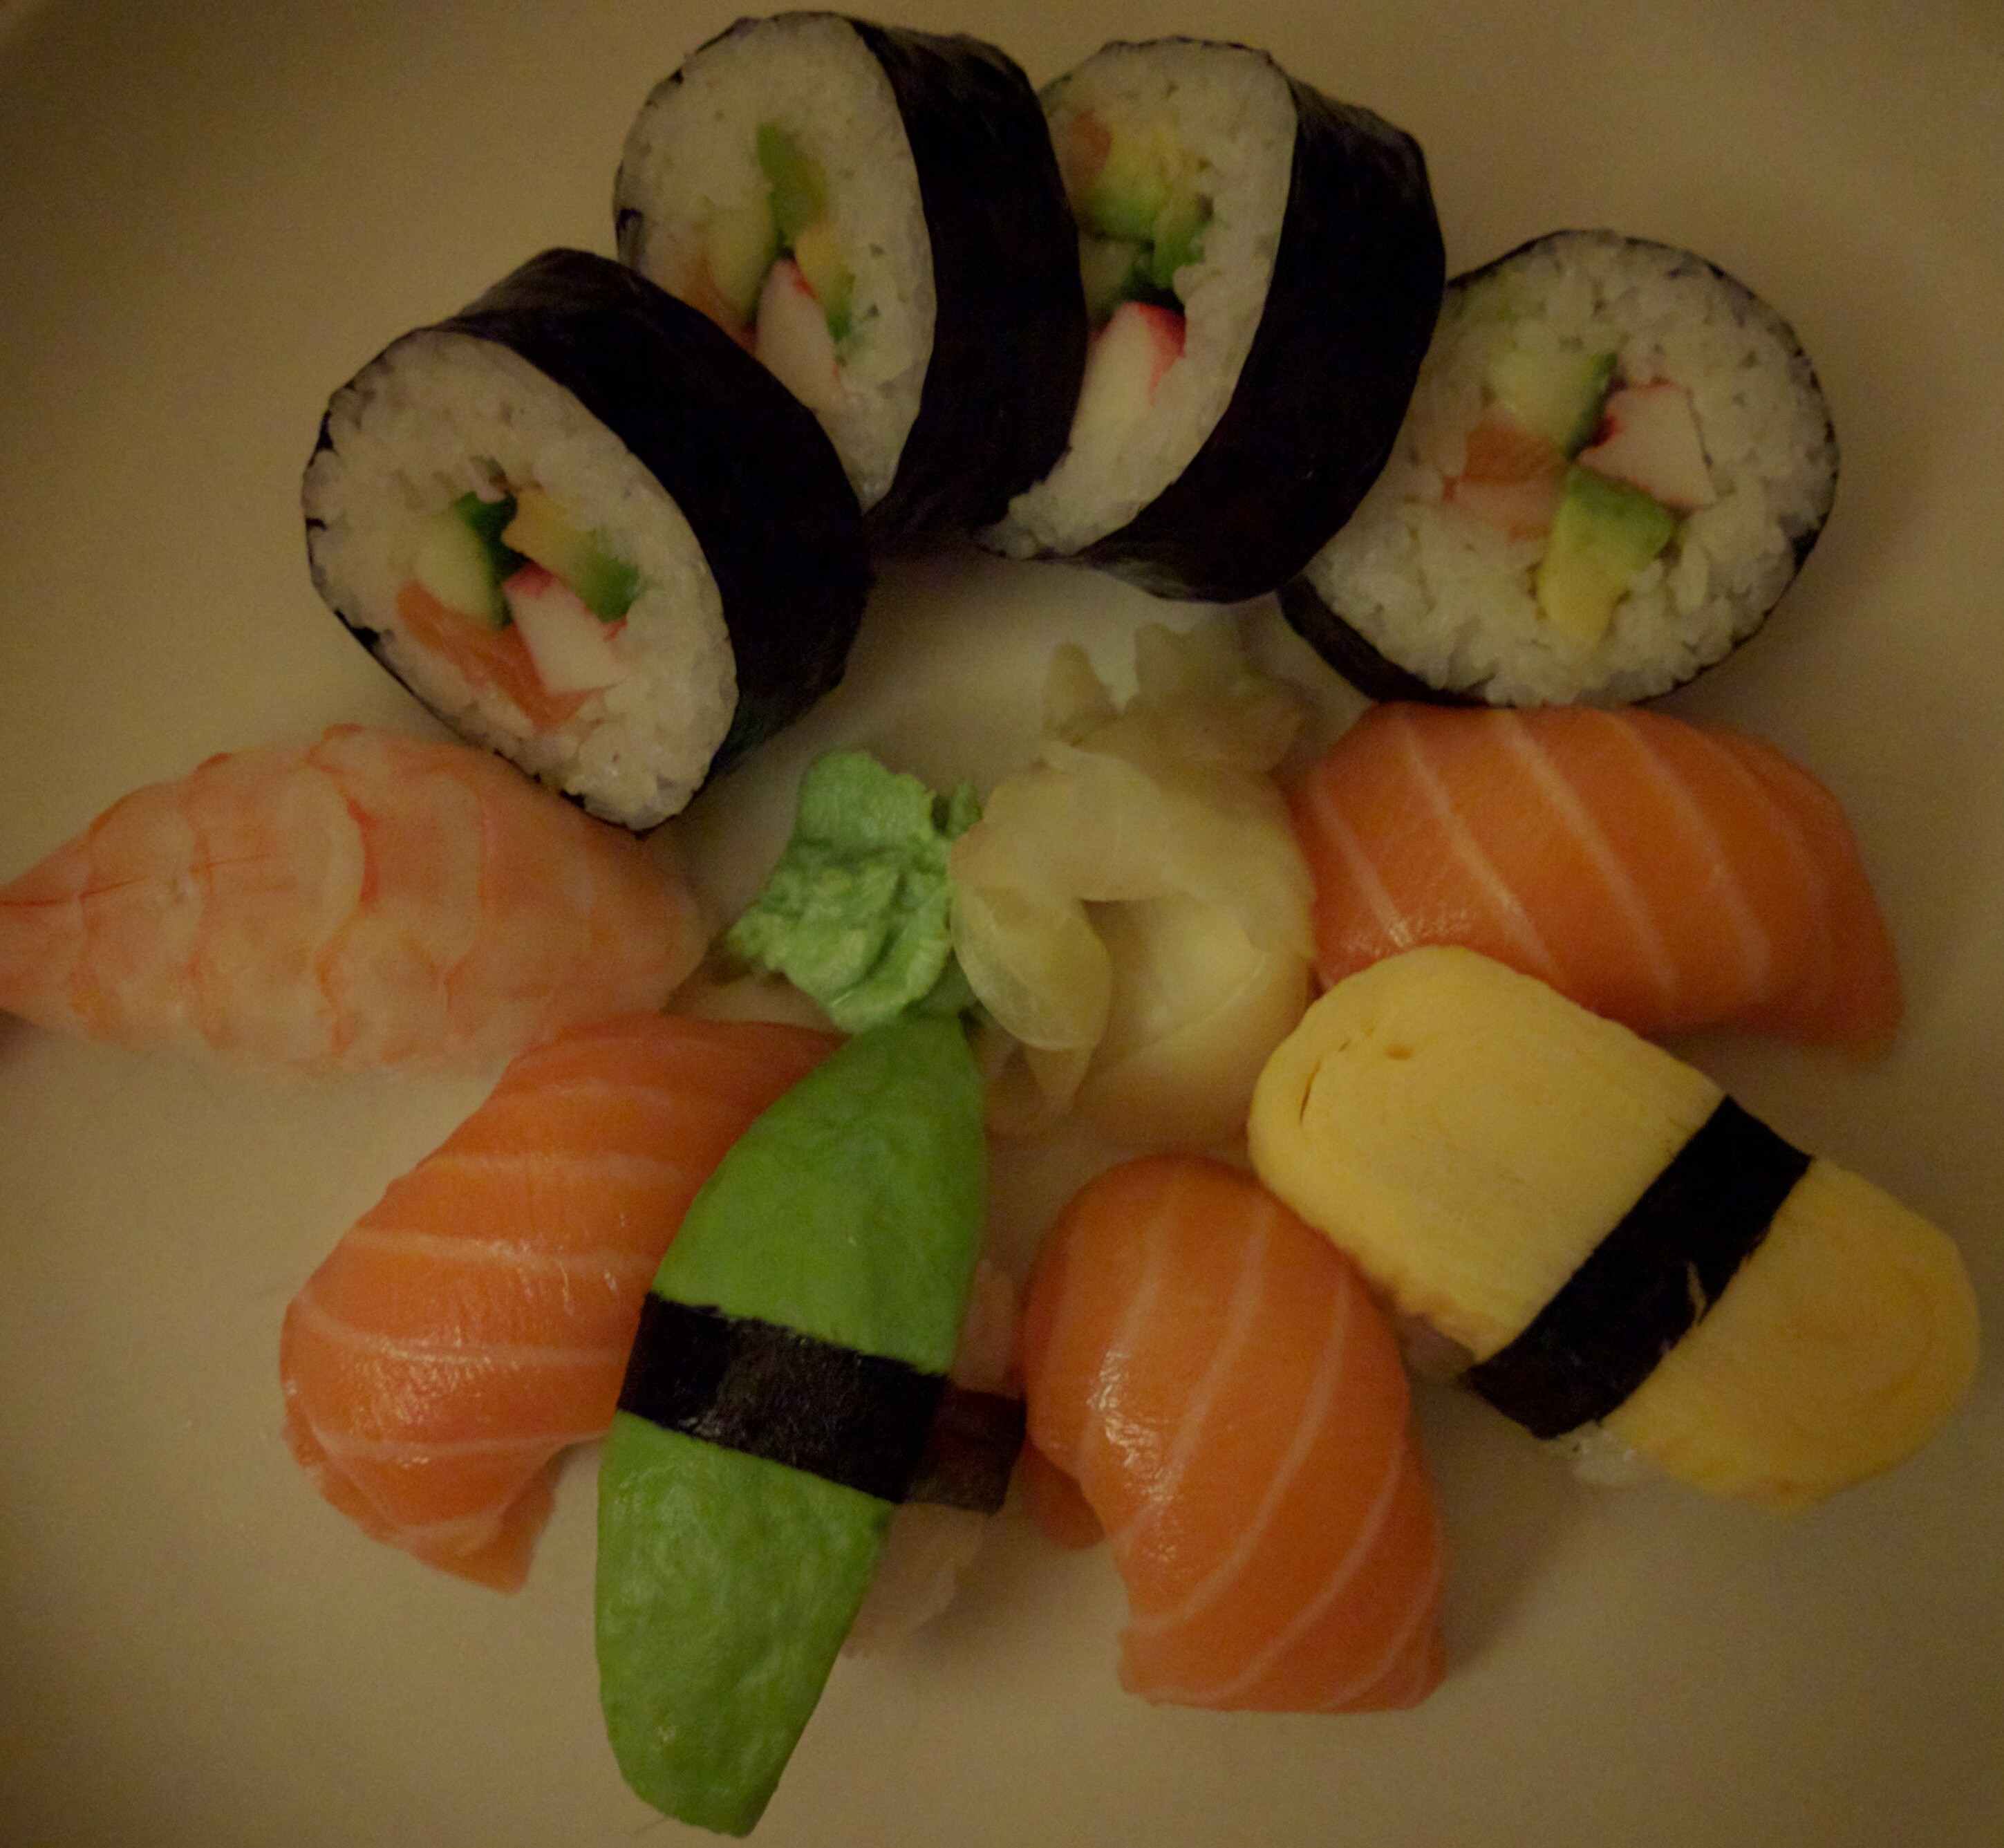 sushi dark nexus 5x